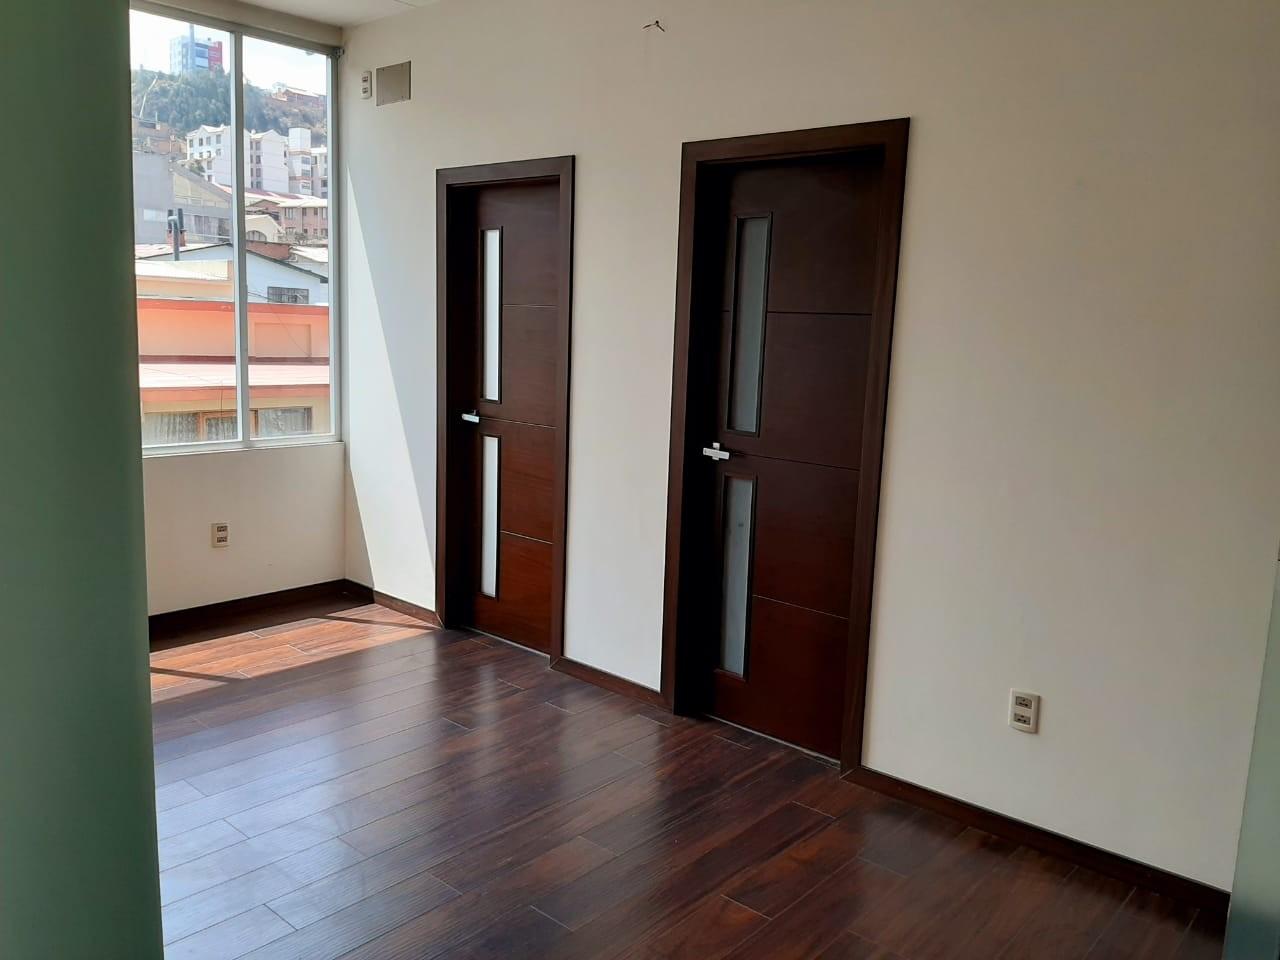 Oficina en Alquiler Av. Hernando Siles, entre la calle 3 y 4.  Edificio Titanium Piso 4. Foto 3